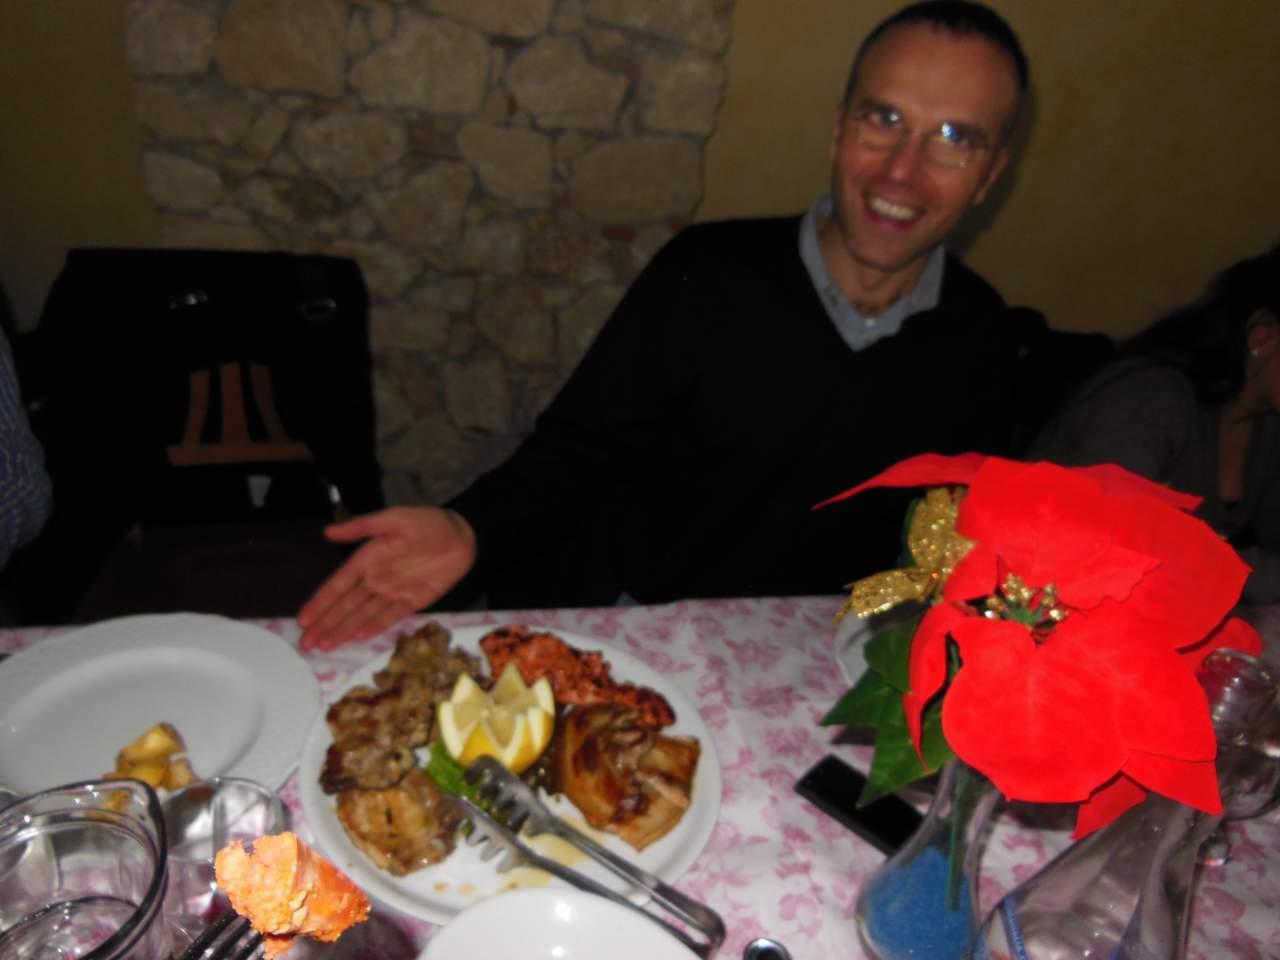 foto [FOTO E VIDEO] I Raduno calabrese CLUBALFA, Lamezia Terme 16 dicembre 2012 - {attachcounter}